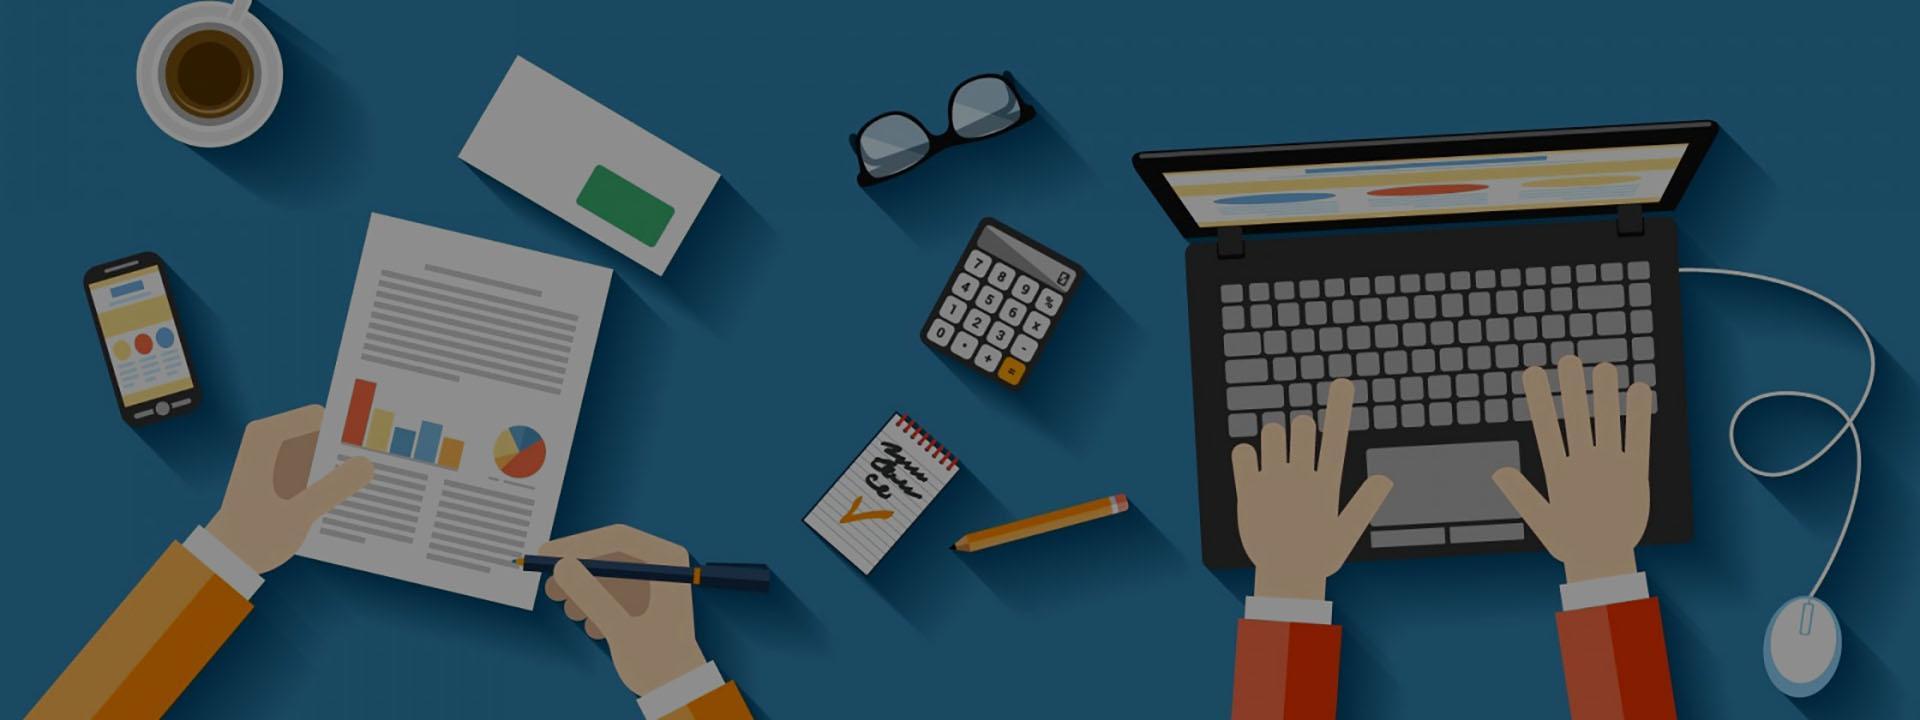 Создание сайтов в Новосибирске Официальный Партнер 1C-Bitrix. Сайты на WordPress. OpenCart. Joomla. HTML5, Drupal.